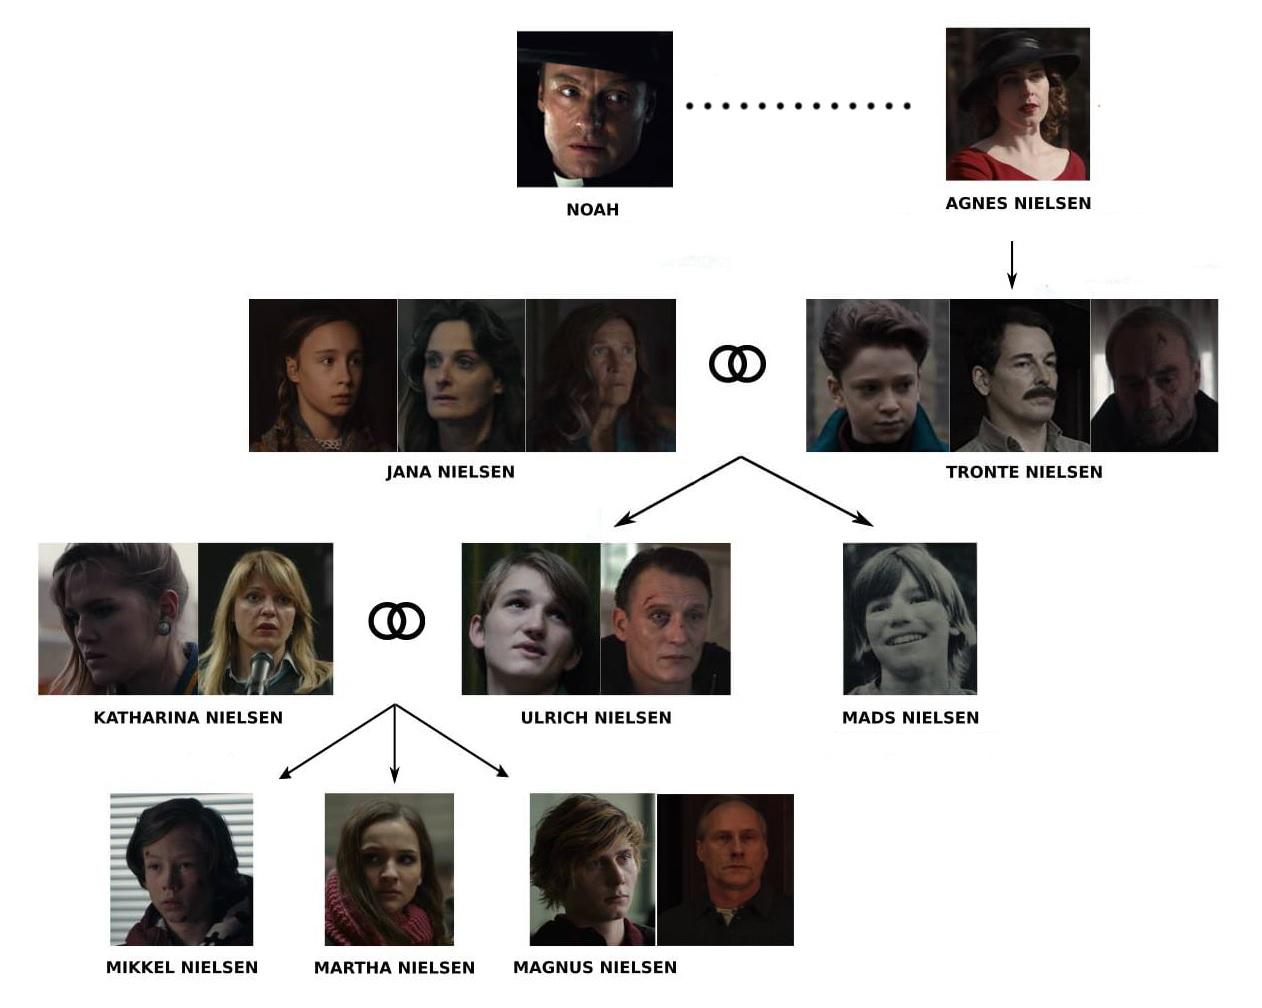 arbol-genealogico-familia-nielsen-dark